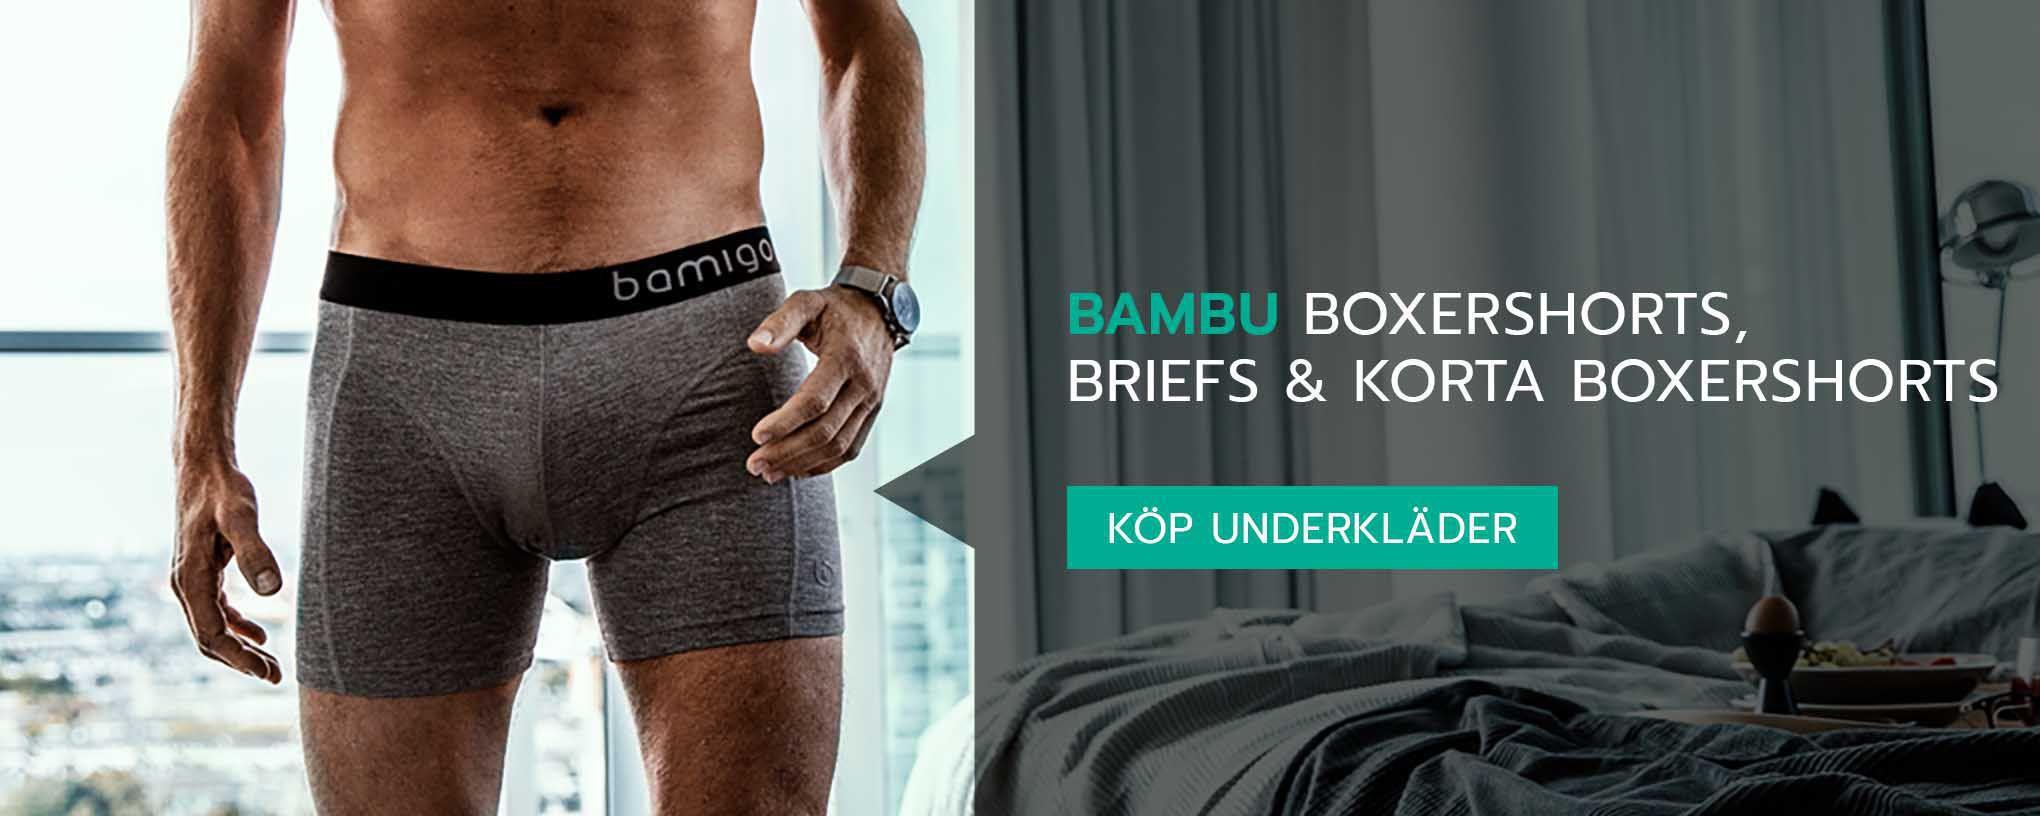 Bambu underkläder